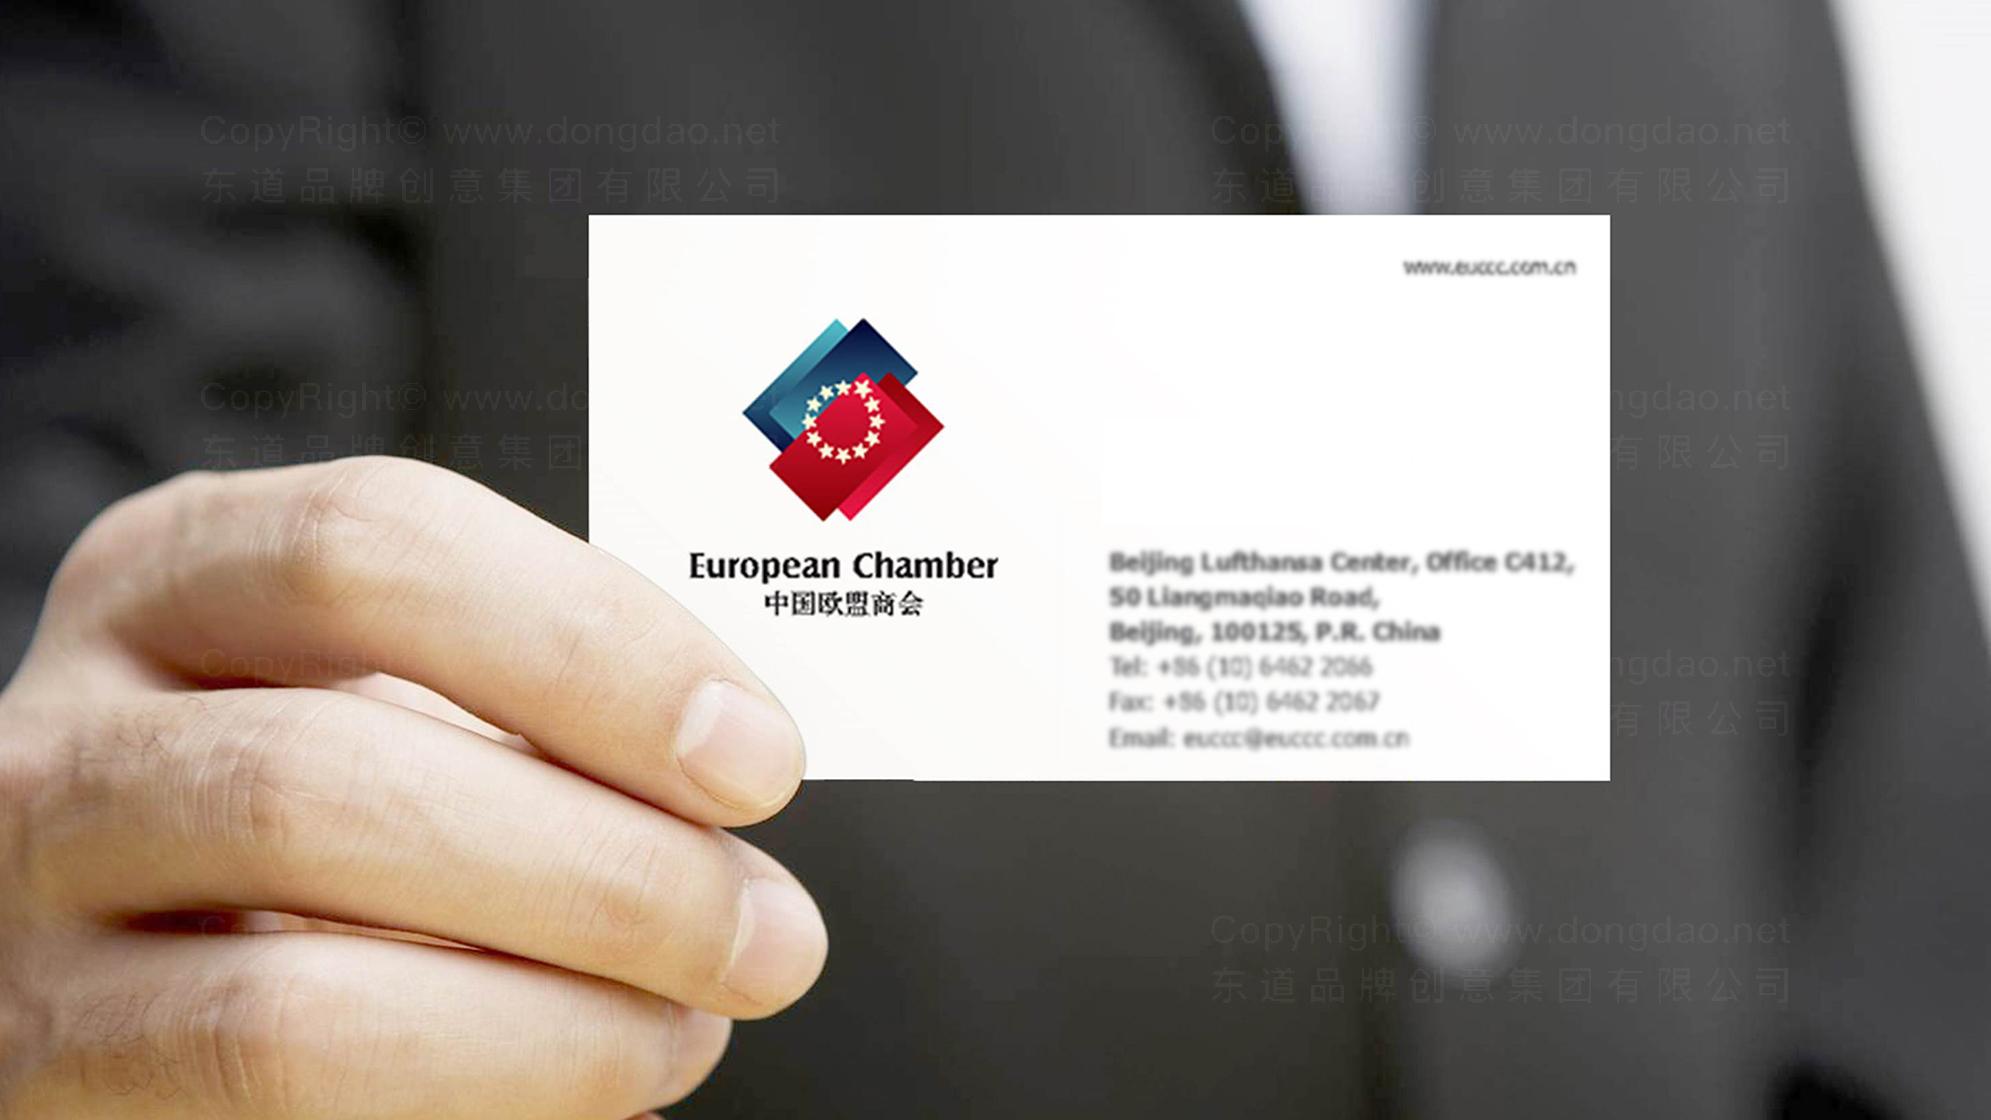 中国欧盟商会LOGO设计、VI设计应用